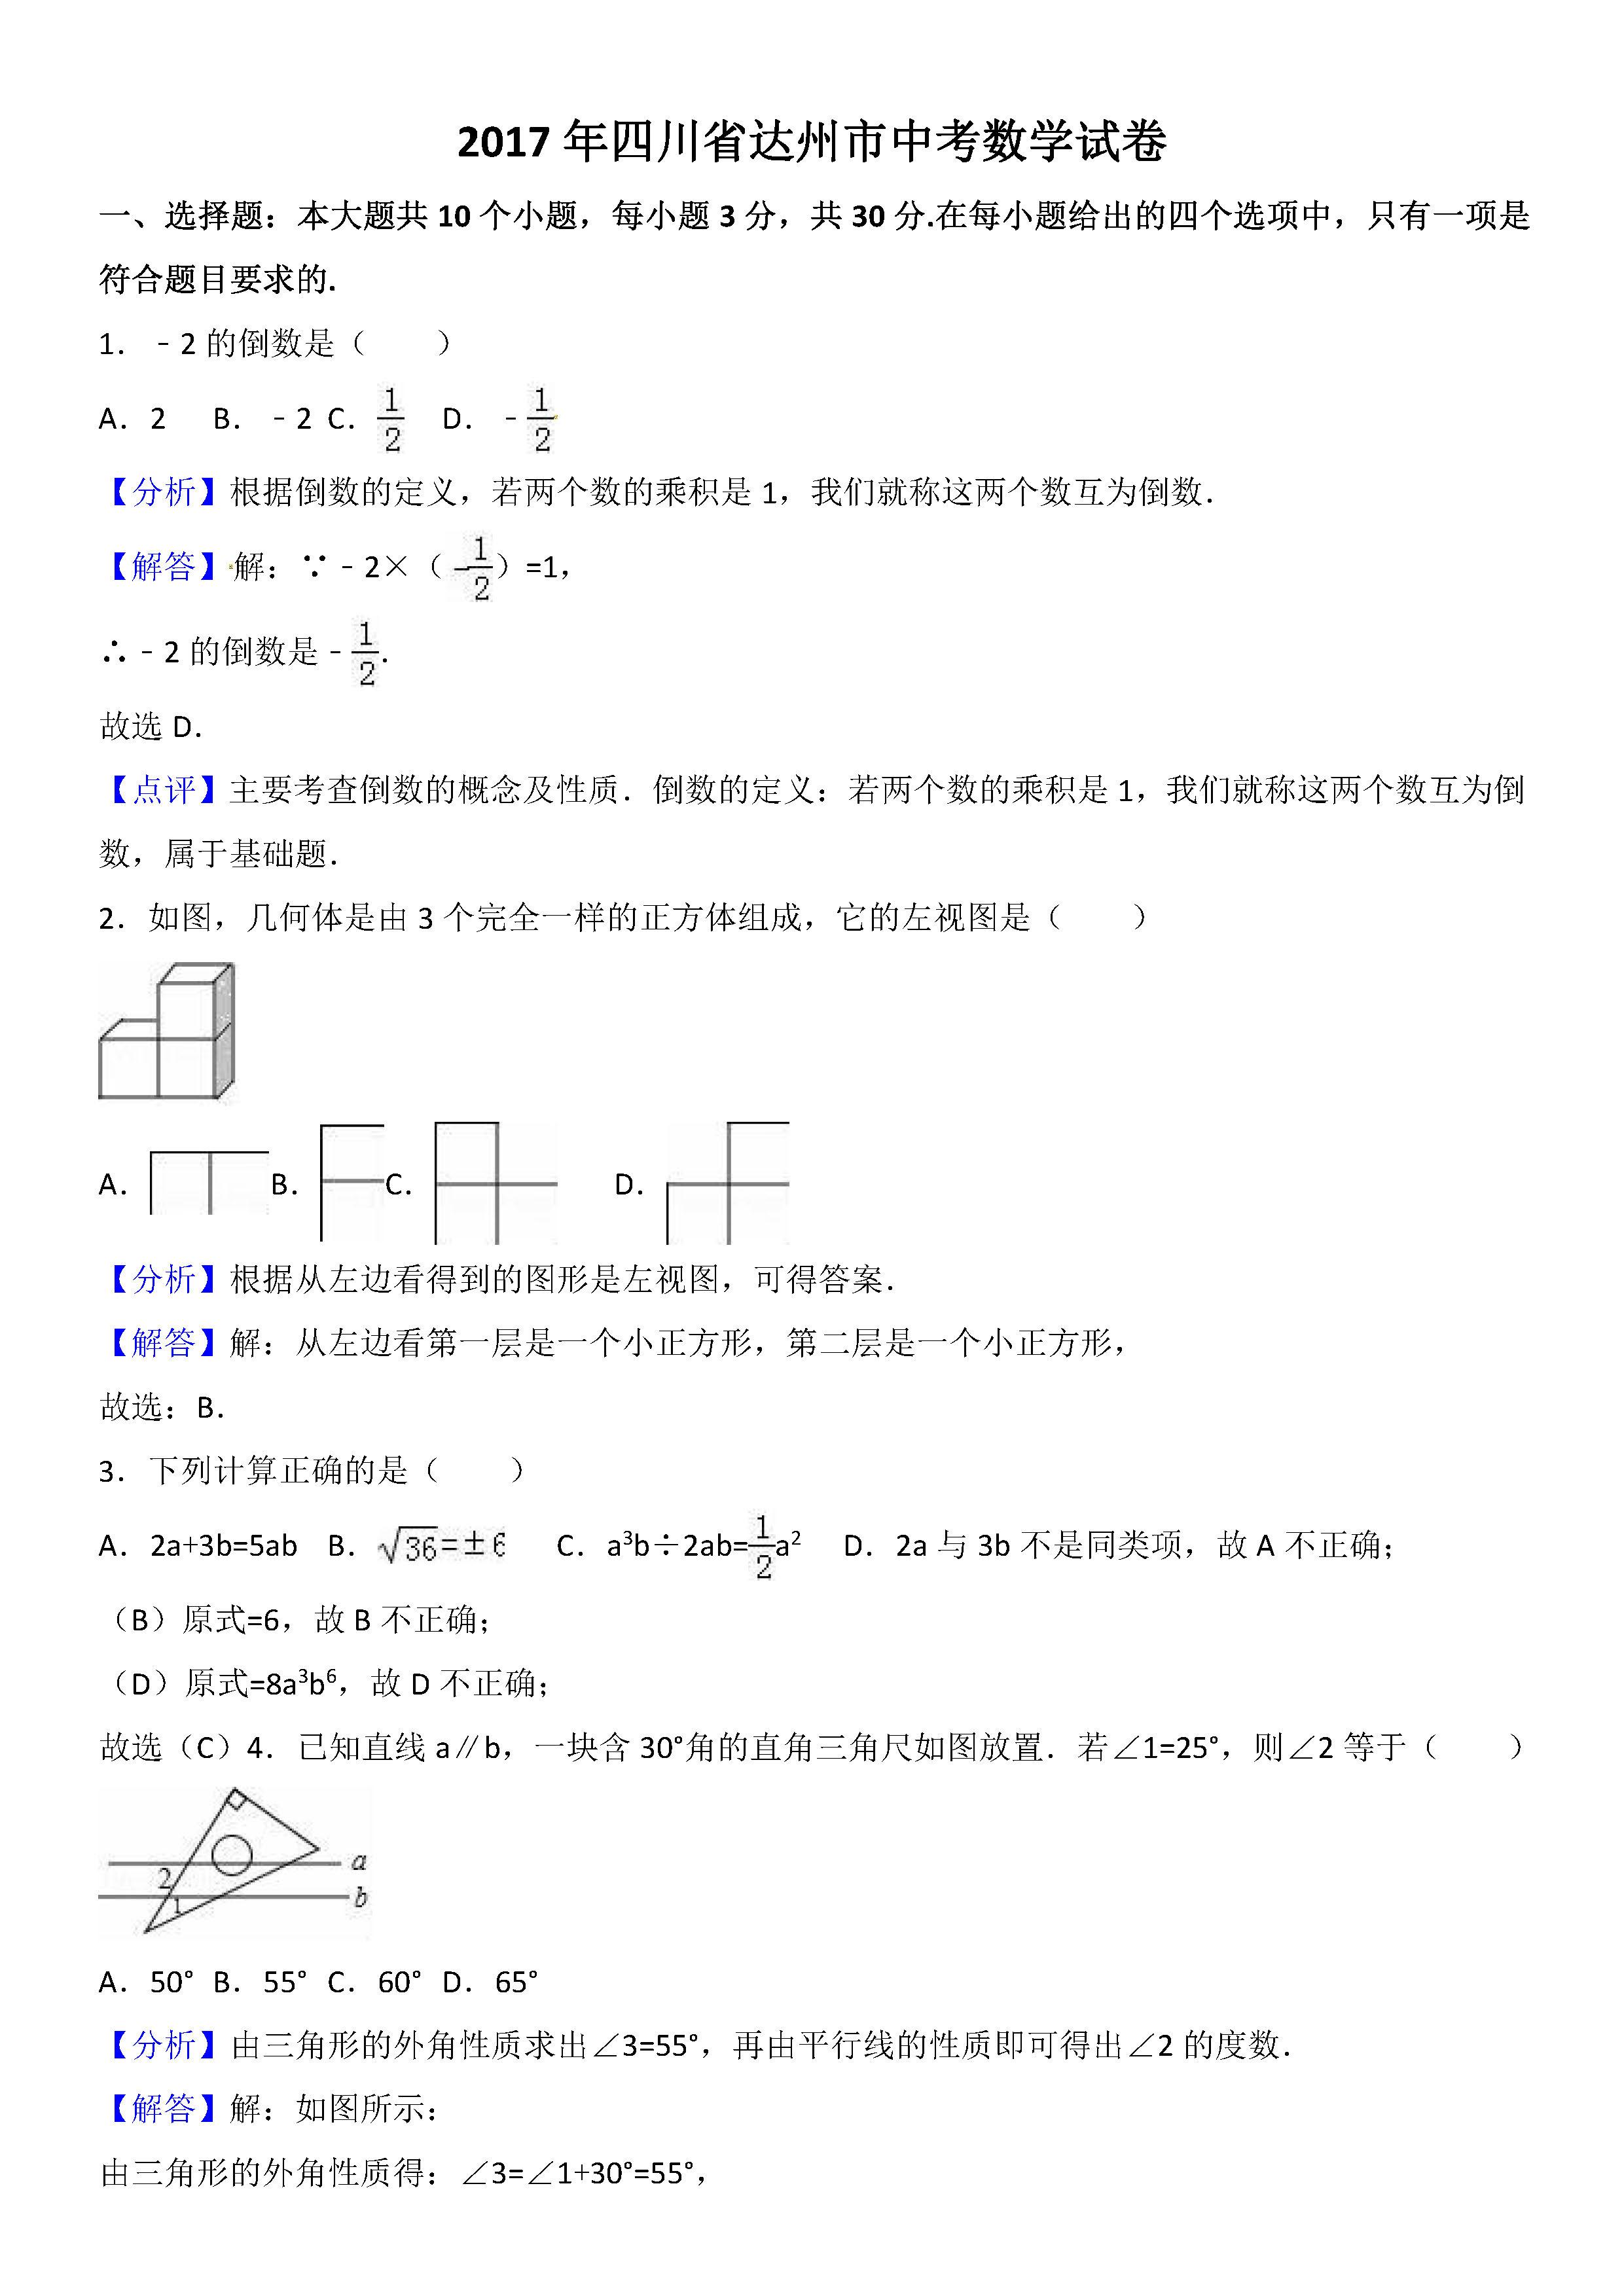 2017达州中考数学试题及答案解析(word版含答案)